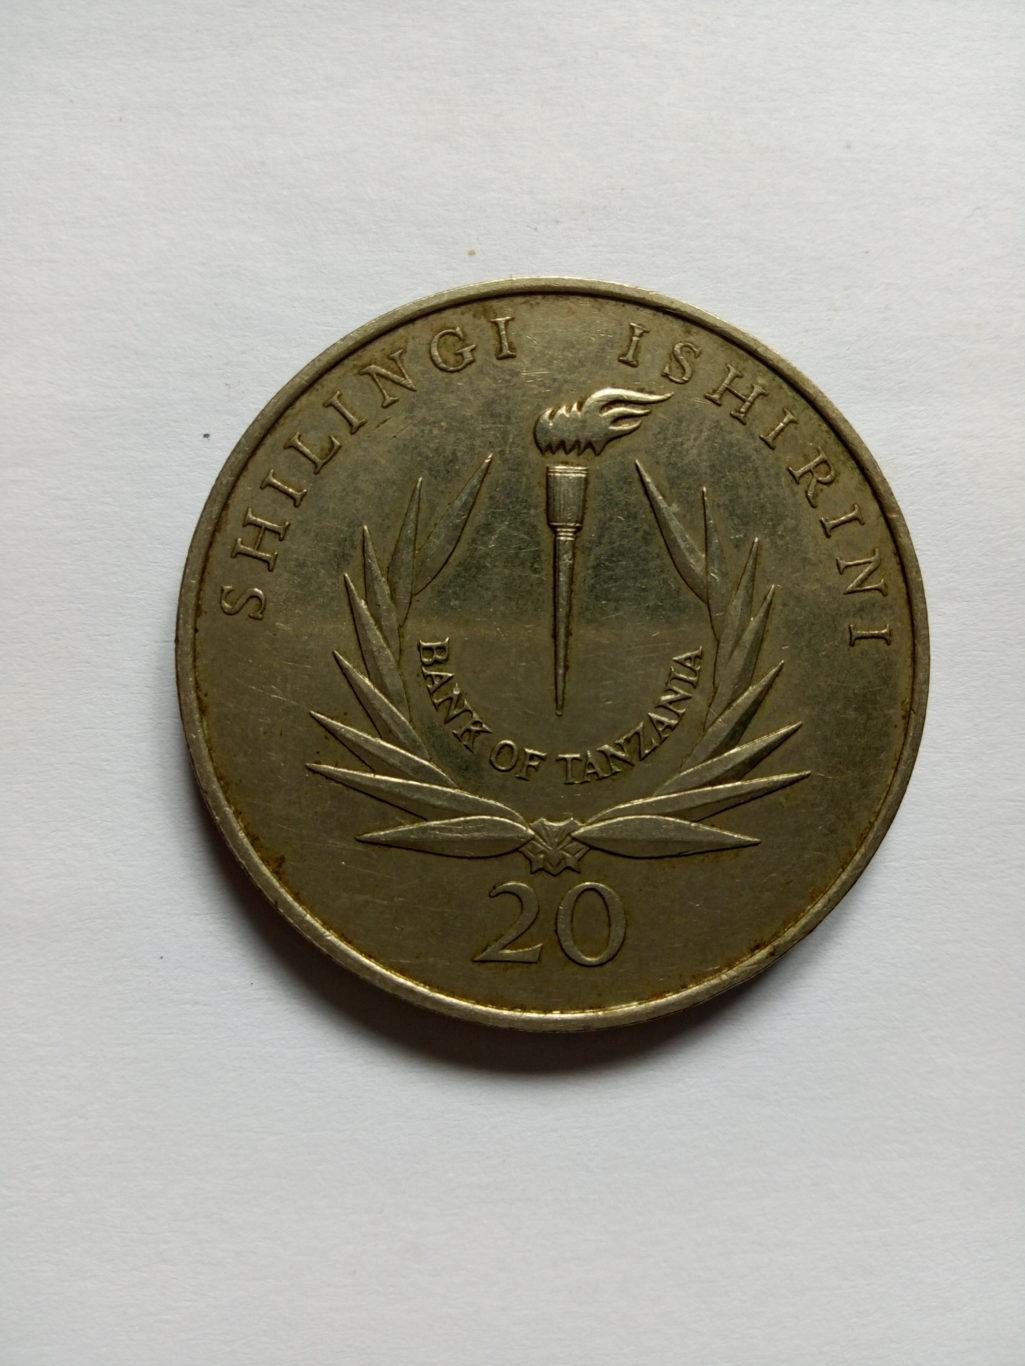 1966_1986 shilingi 20 benki kuu ya tanzania